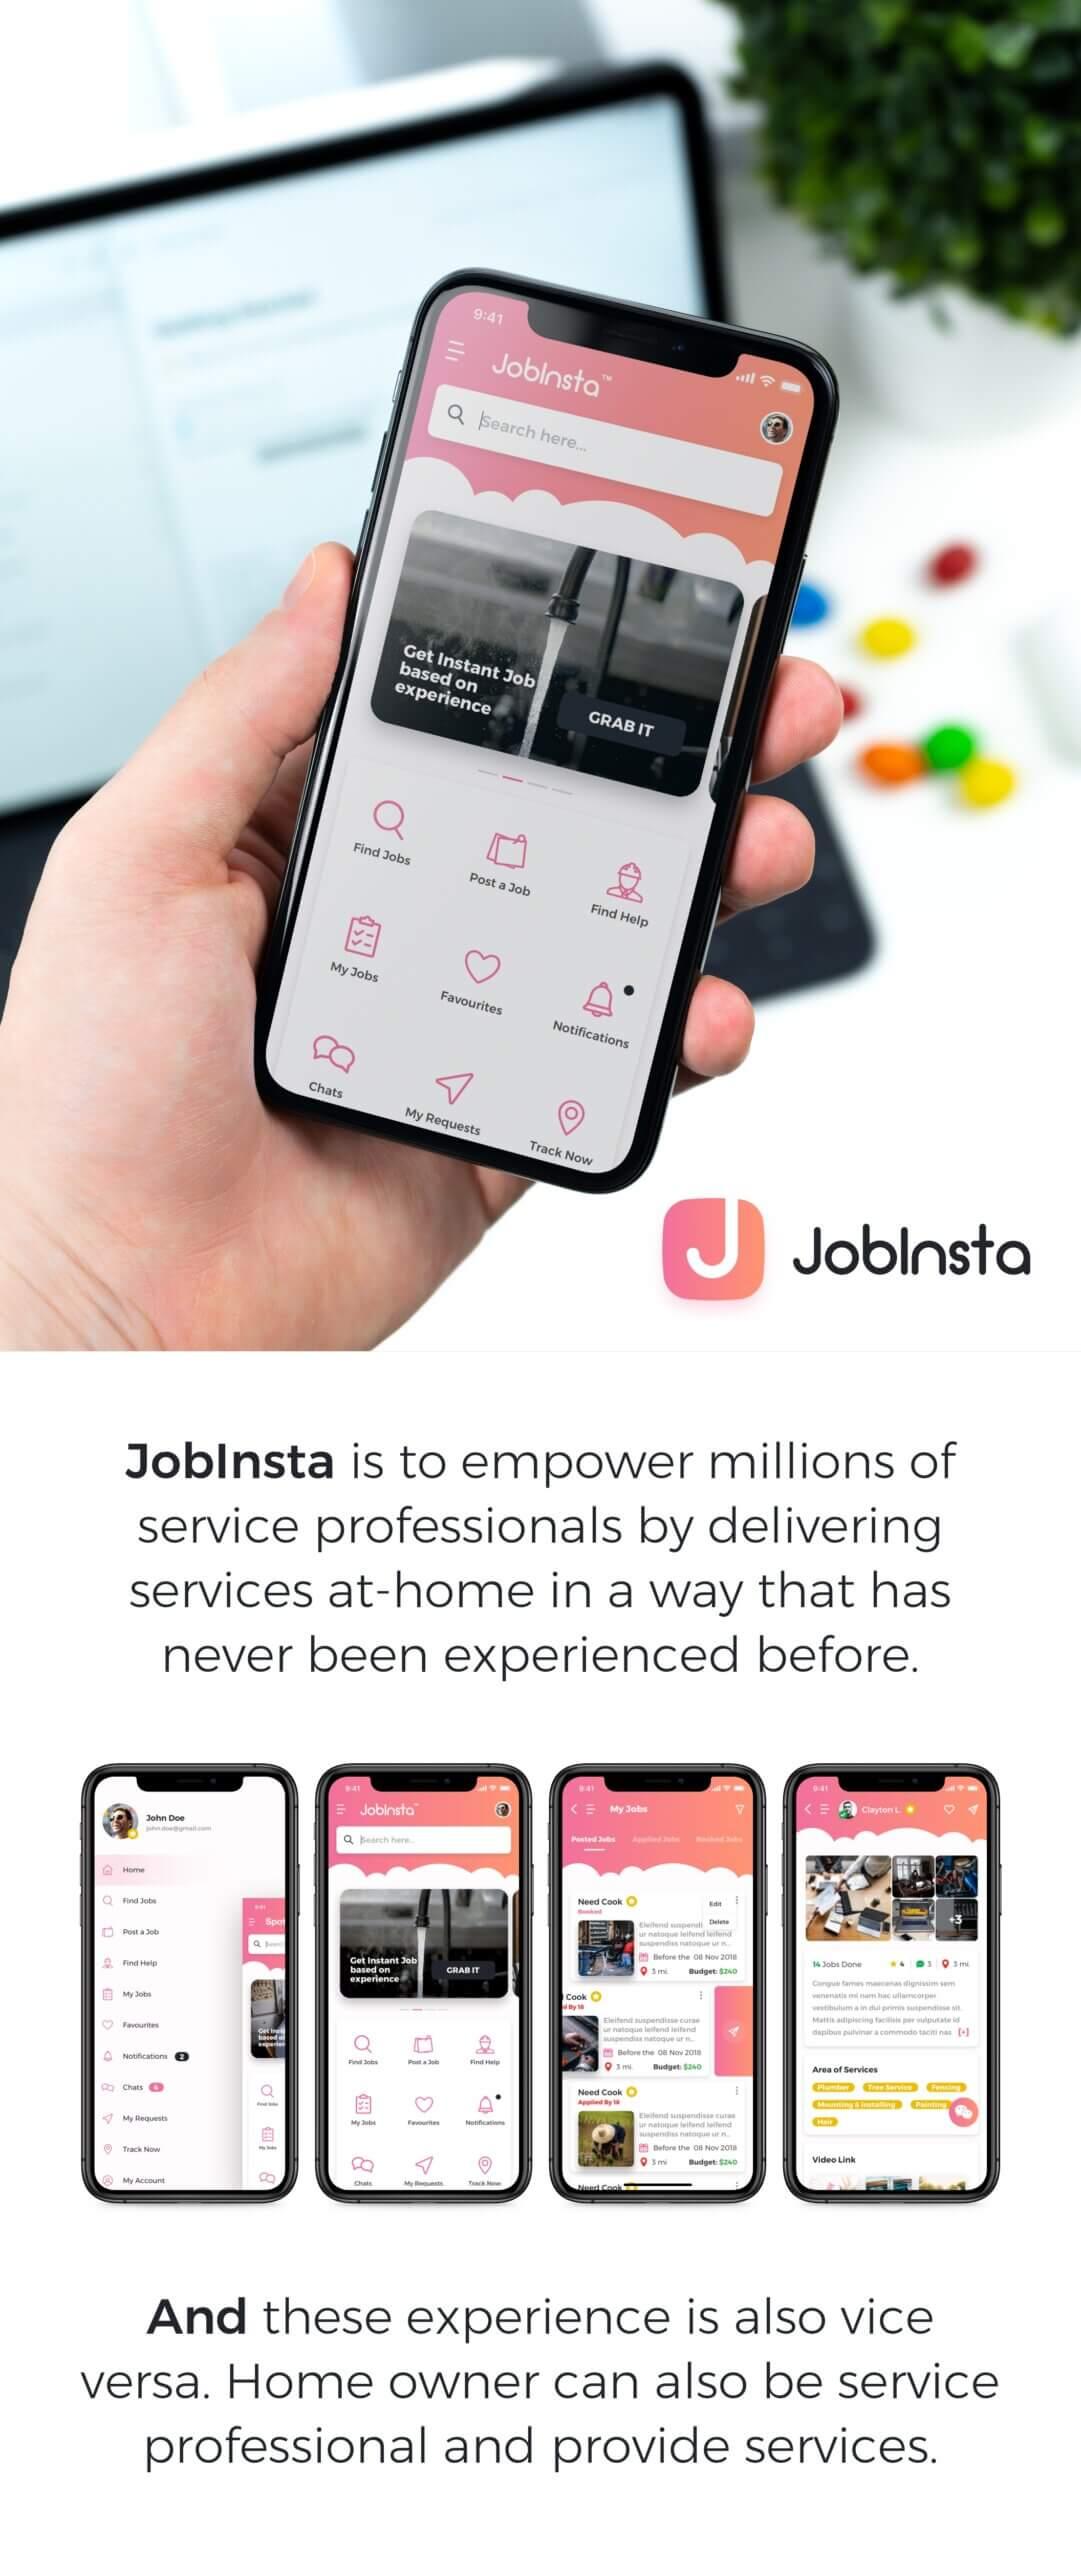 在线服务行业移动应用程序模版素材JobInsta UI Kit插图(1)